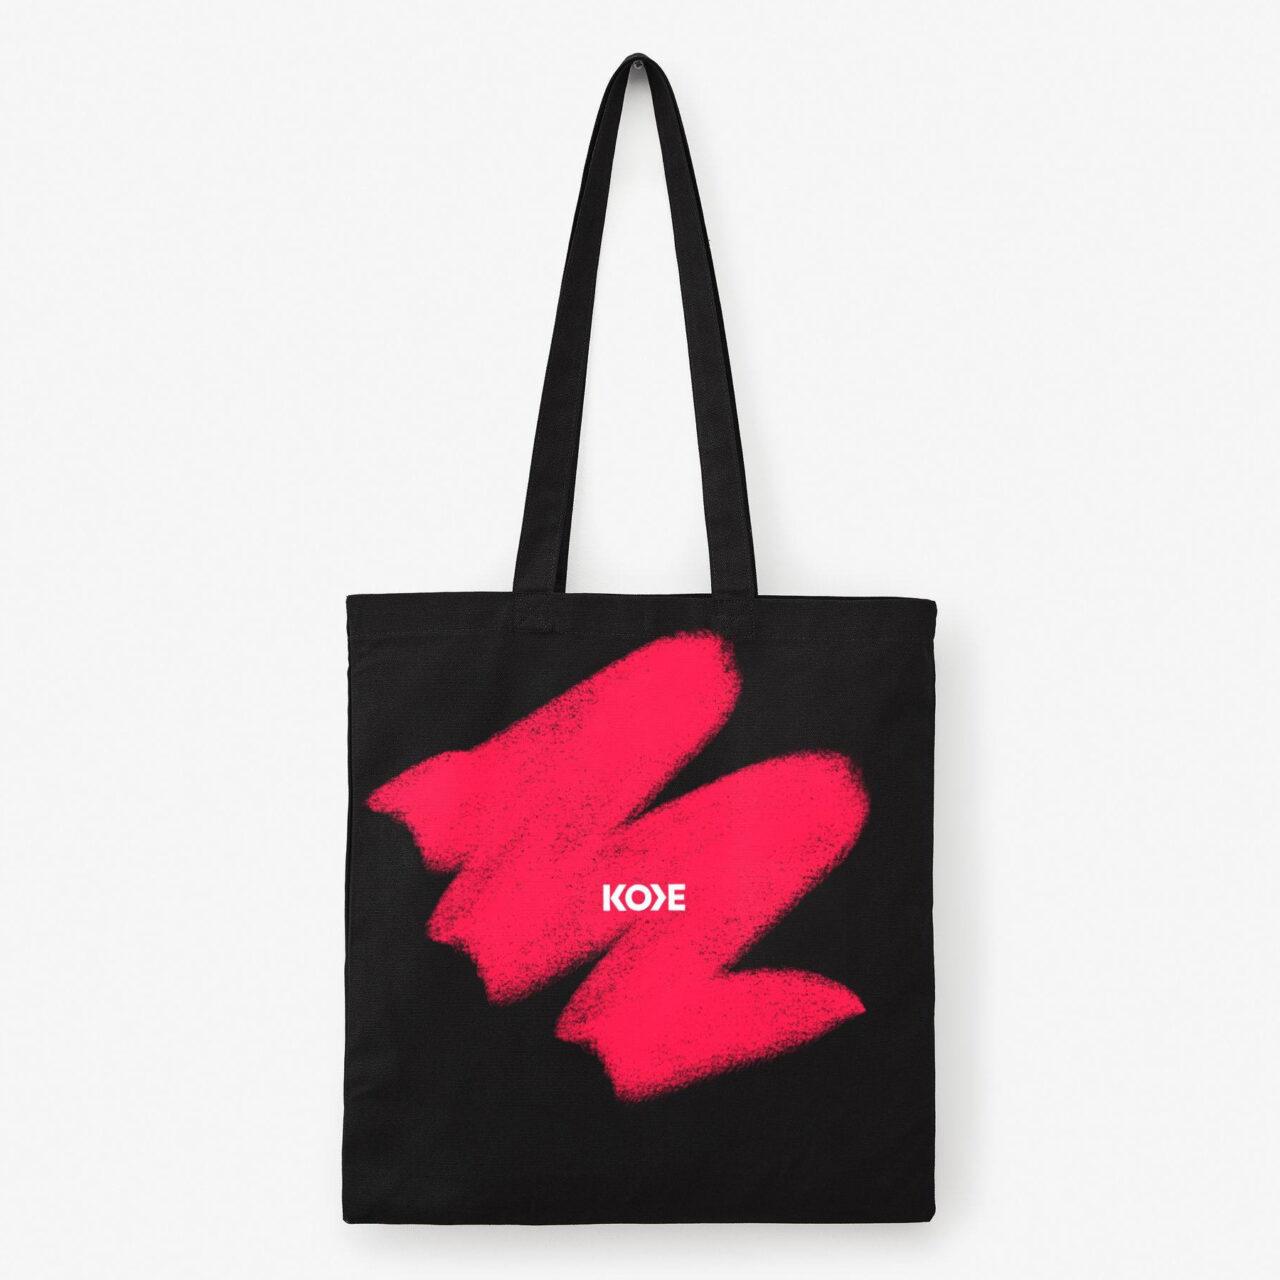 2020-Kode-Tote-Design-17